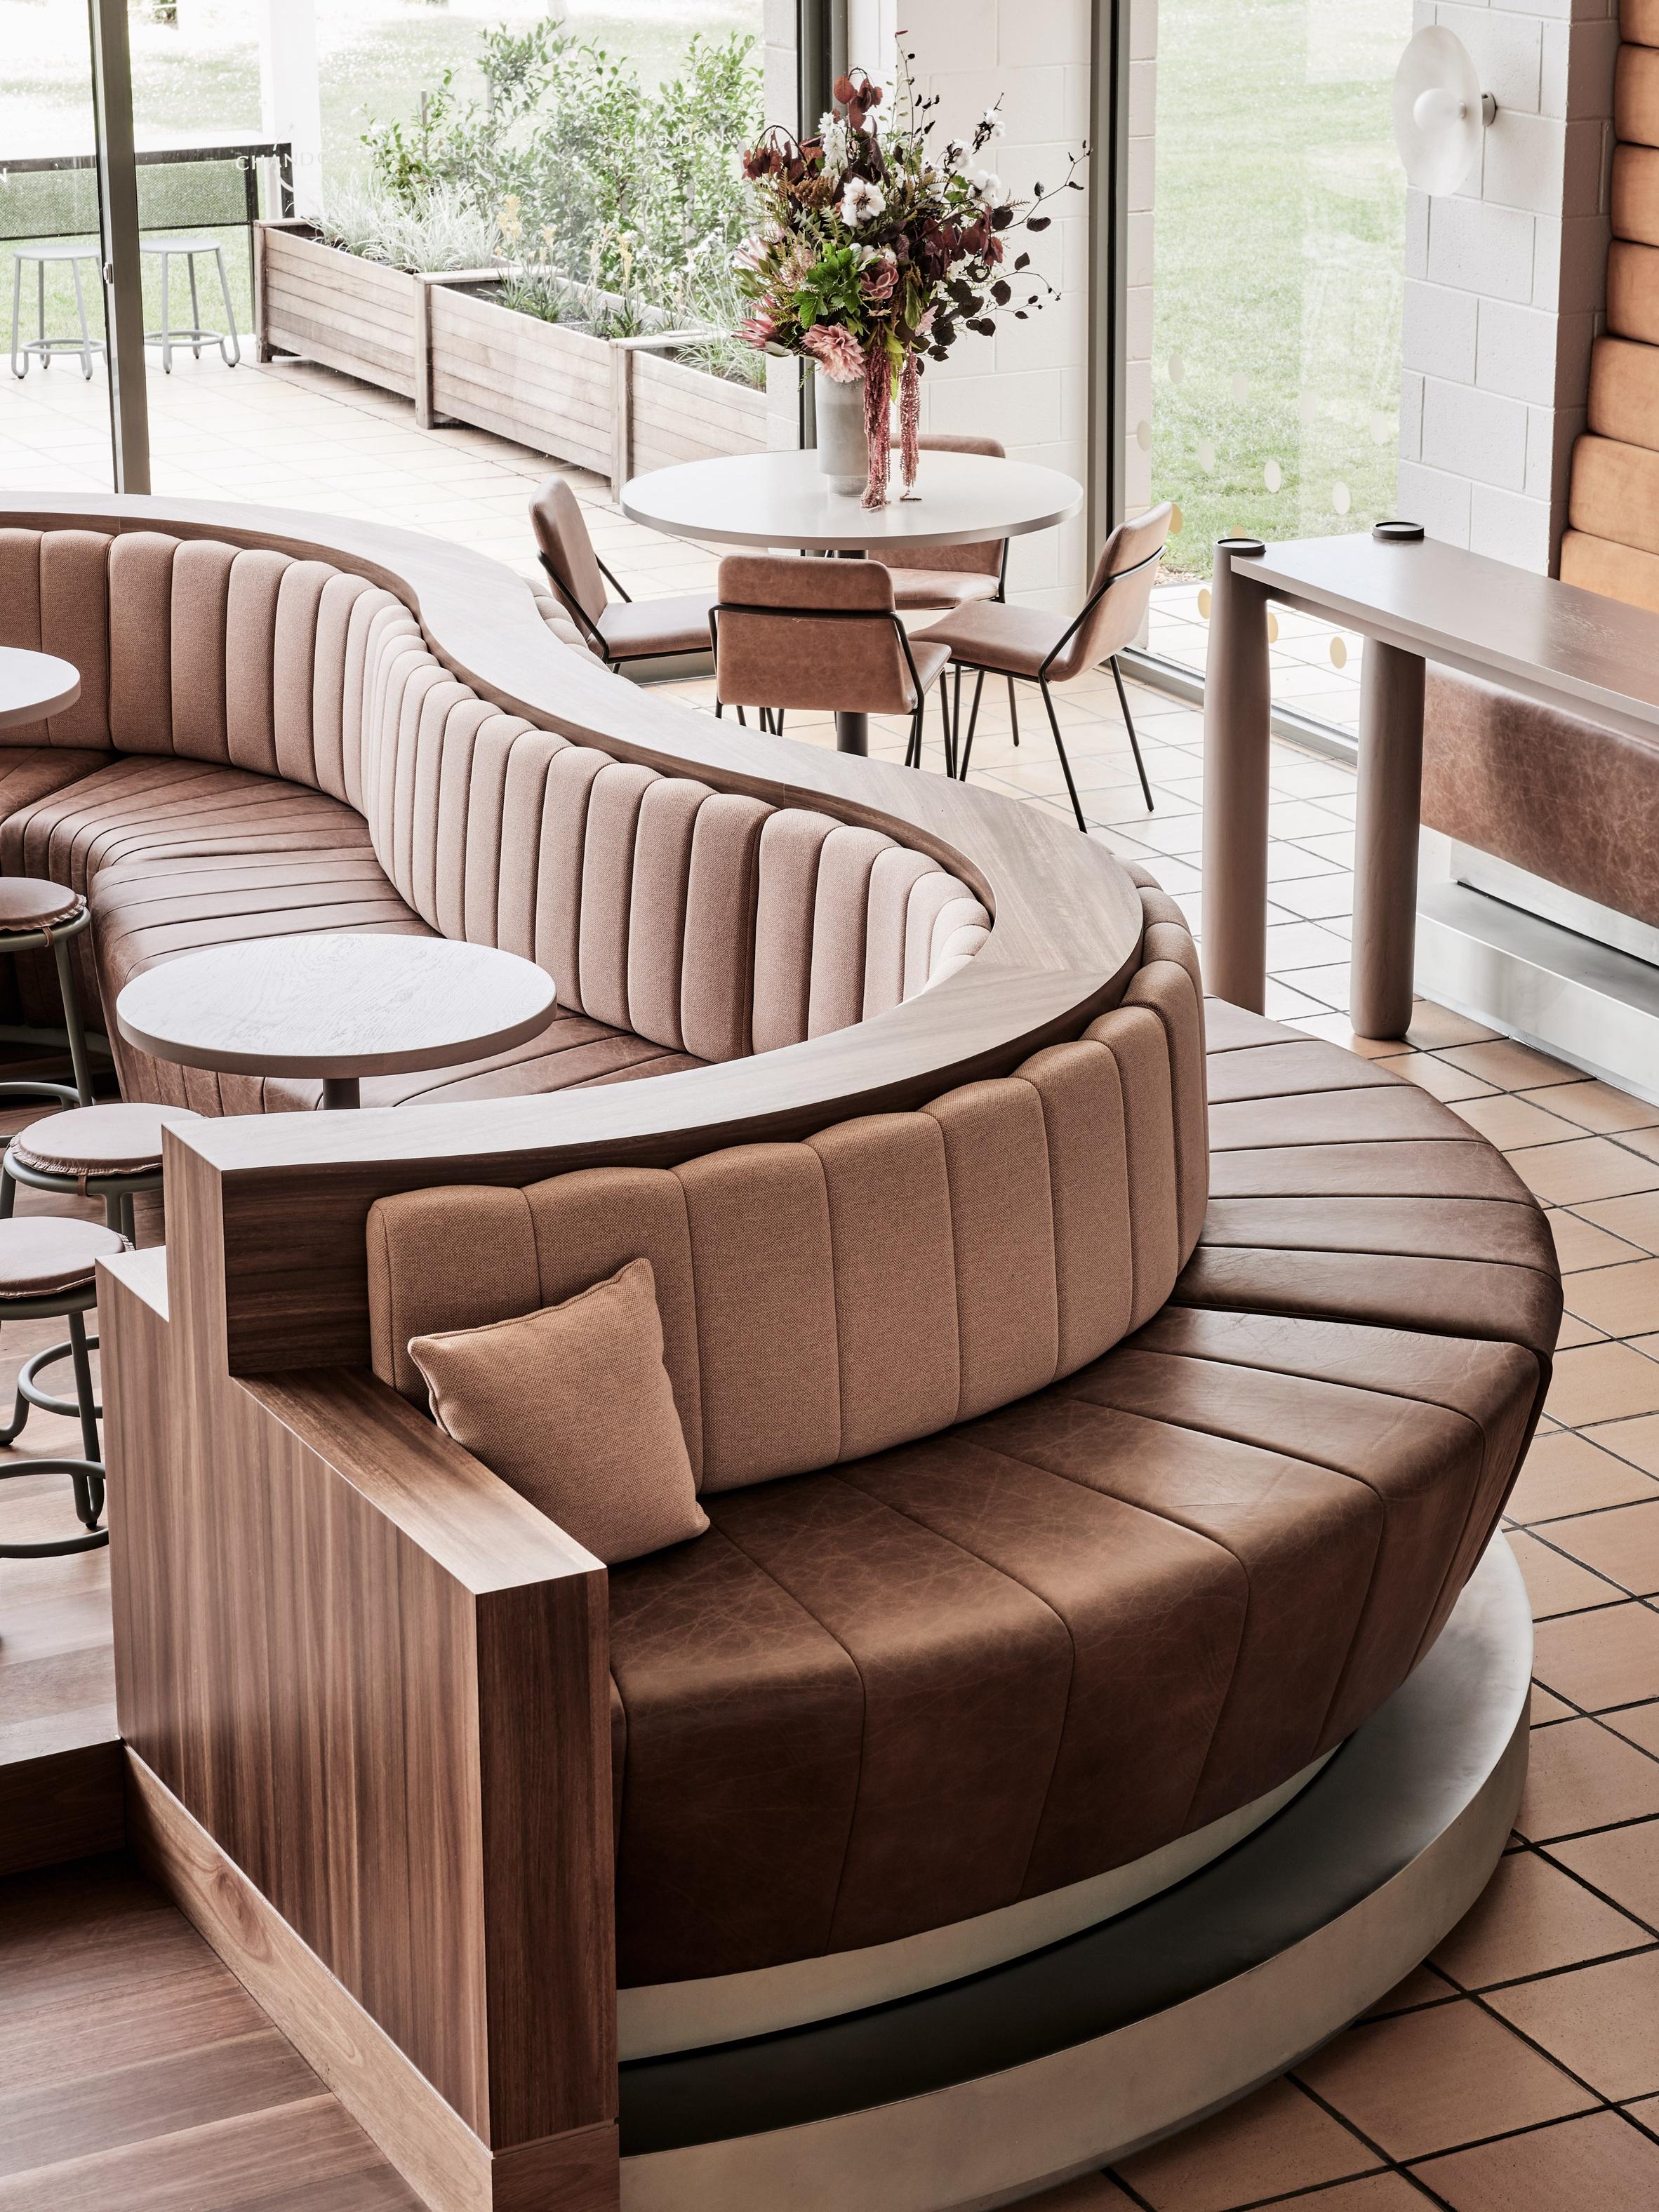 chandon-foolscap-studios-australia-victoria-interiors-bars-extra_dezeen_2364_col_13.jpg